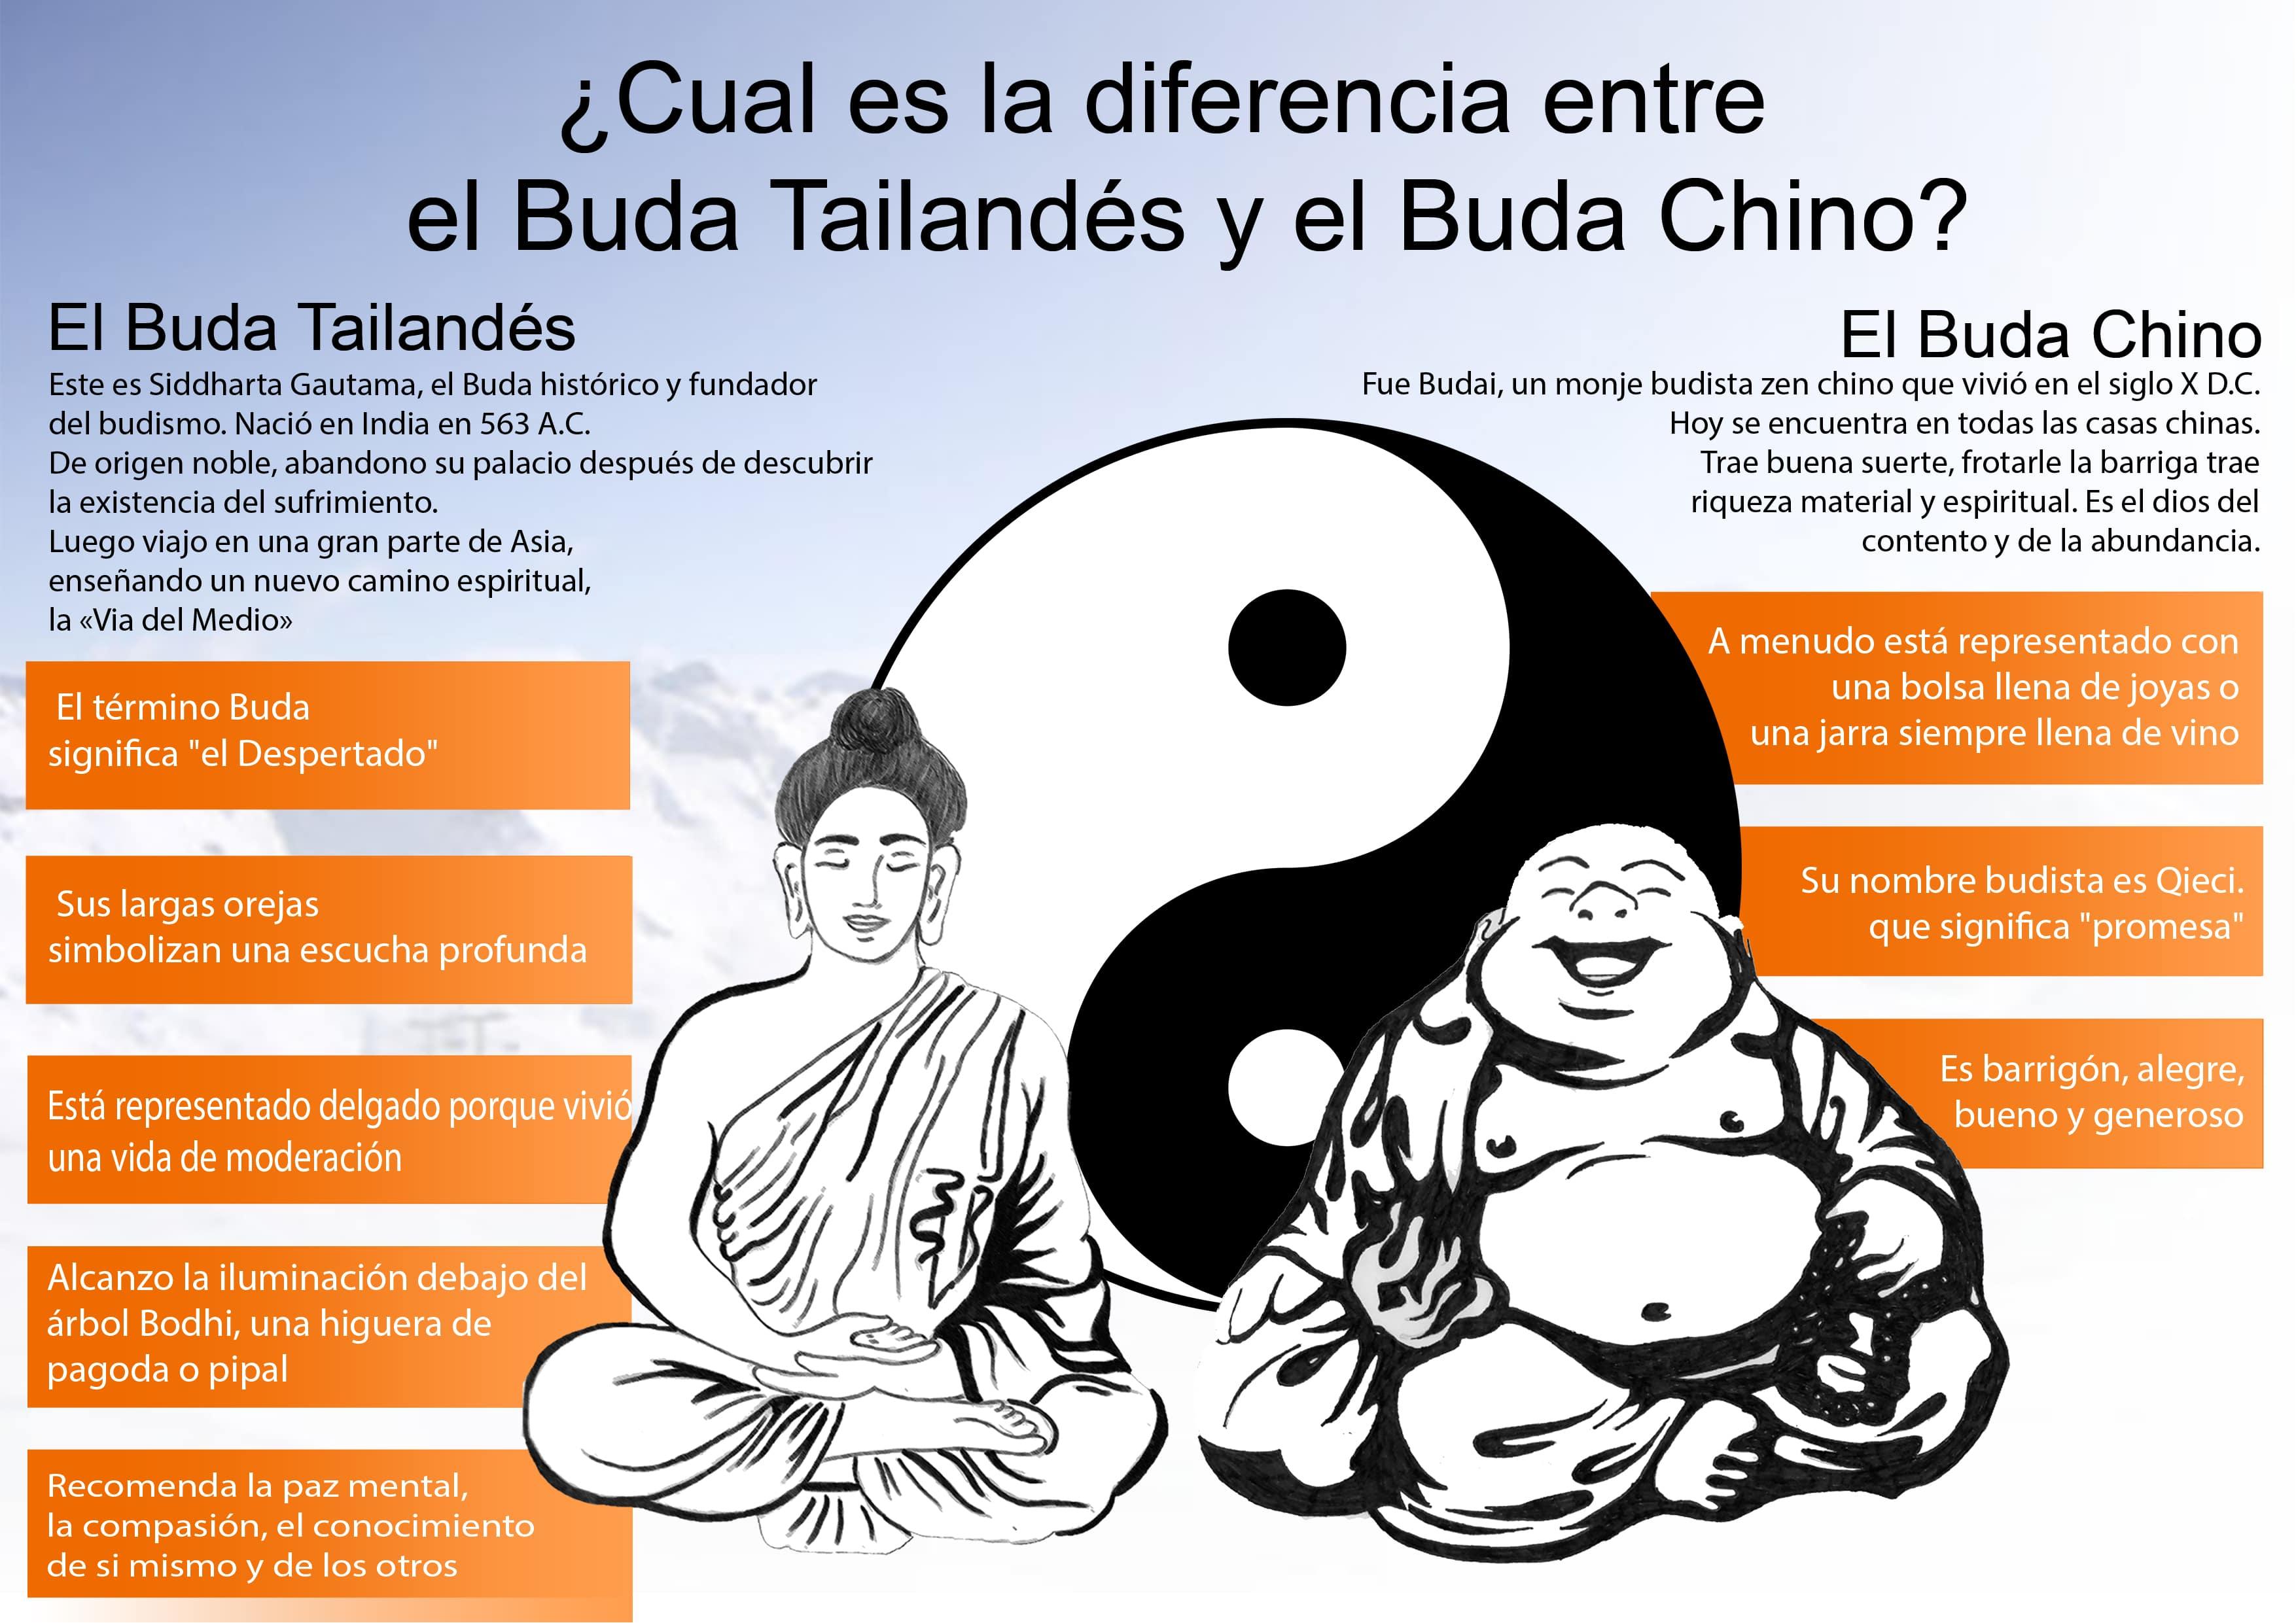 diferencia entre buda thai y chino